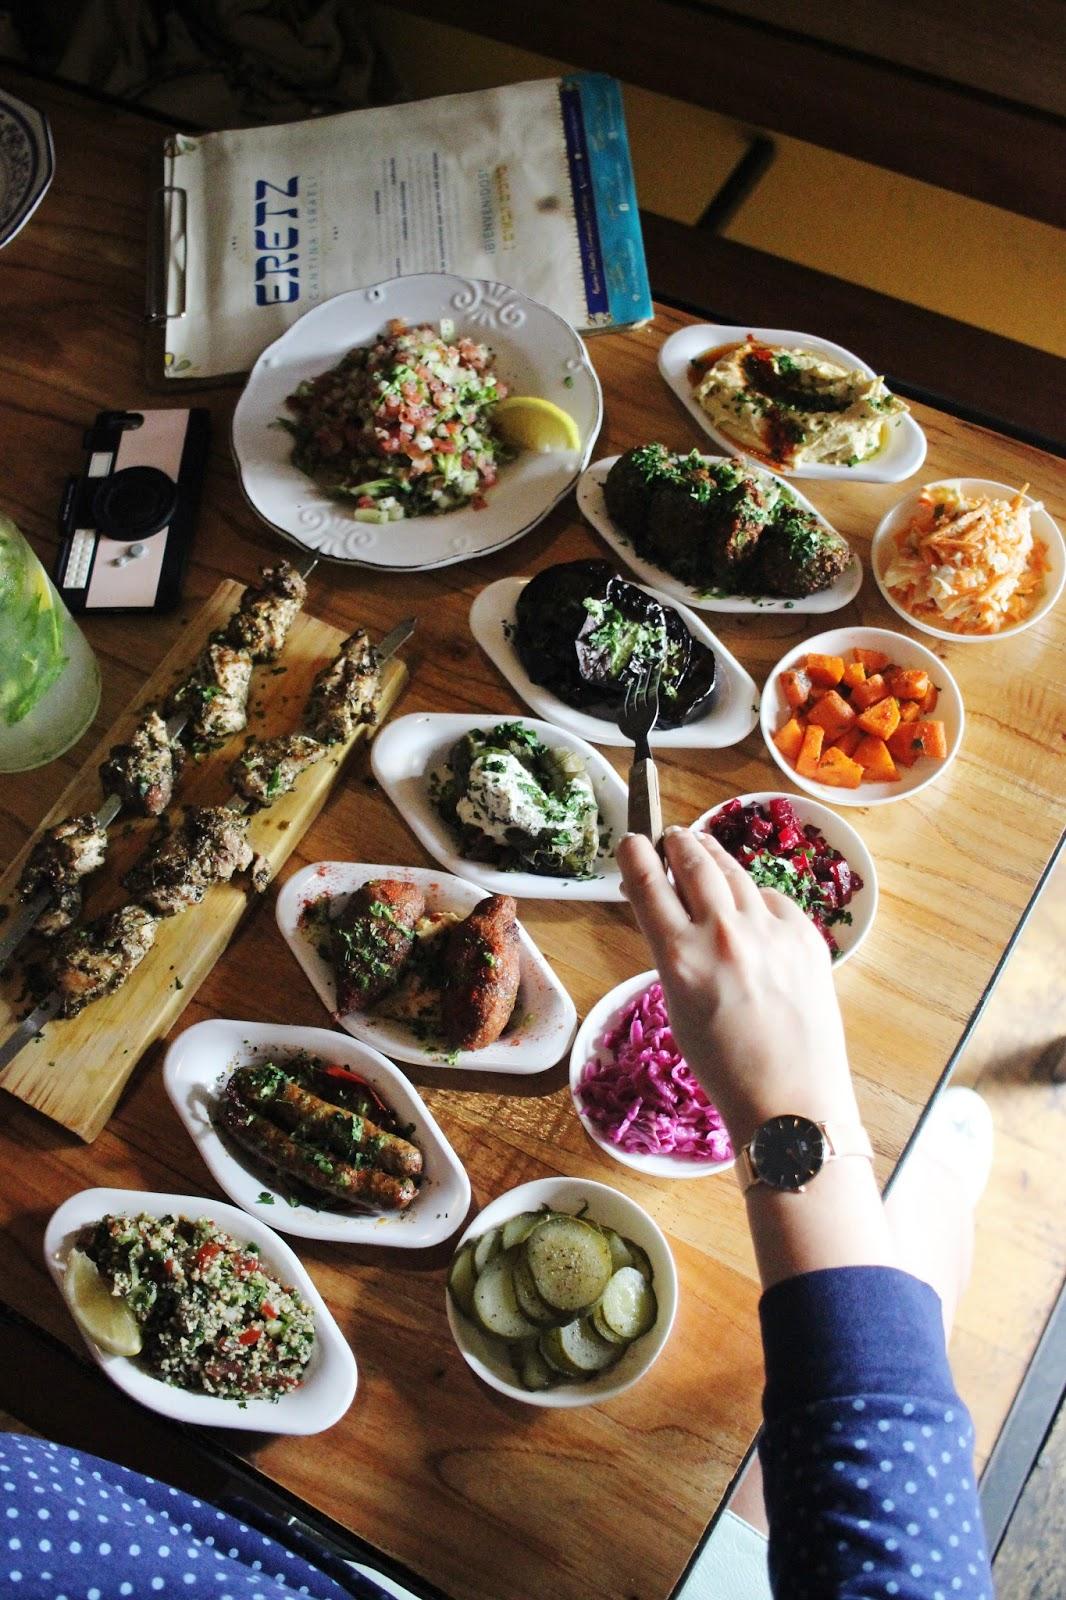 comida israeli caba